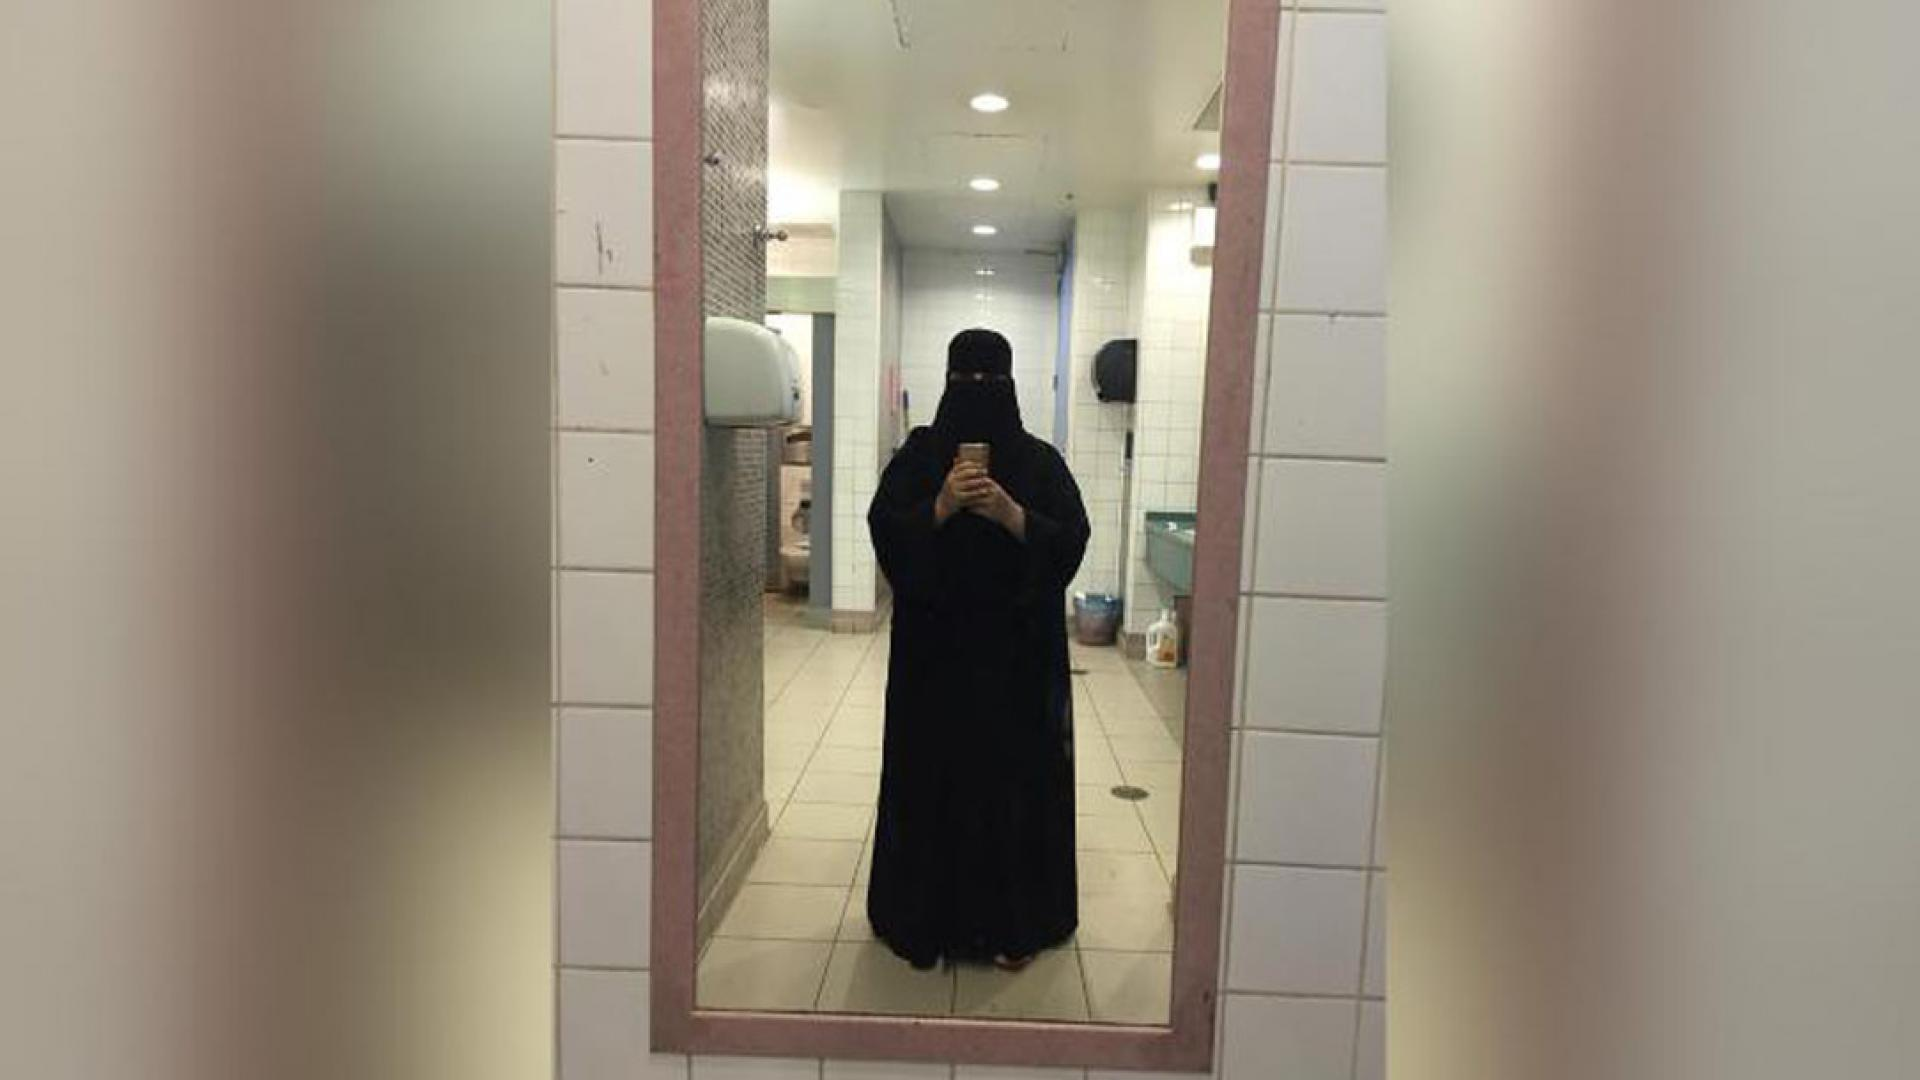 حصريا..شقيقتان سعوديتان ترويان تفاصيل رحلة الهروب من العنف المنزلي والاضطهاد